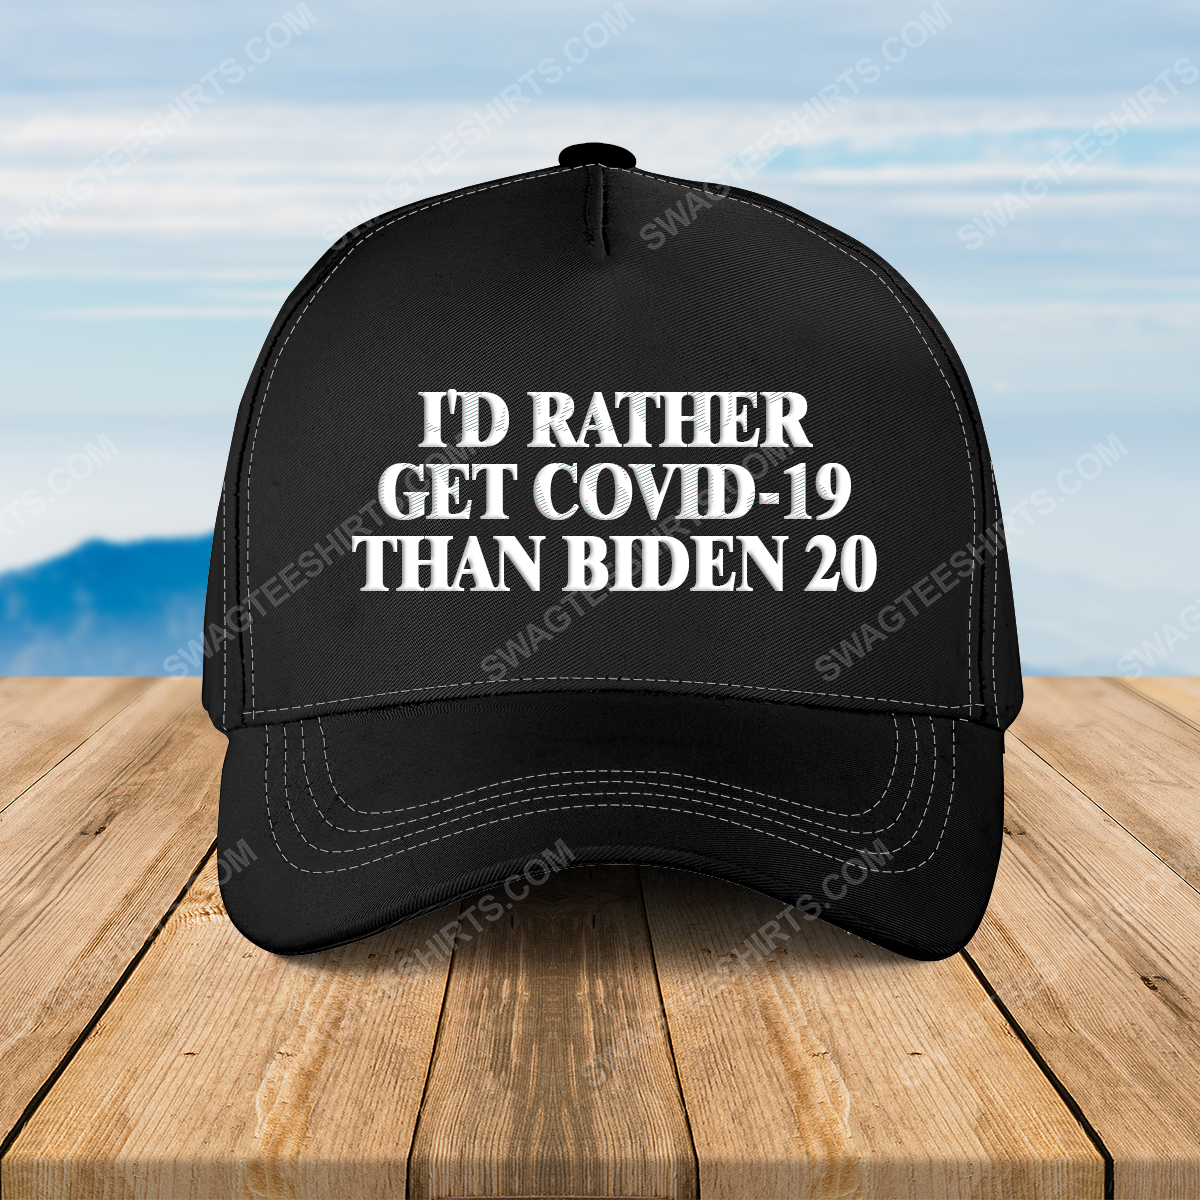 I'd rather get covid-19 than biden 20 full print classic hat 1 - Copy (2)